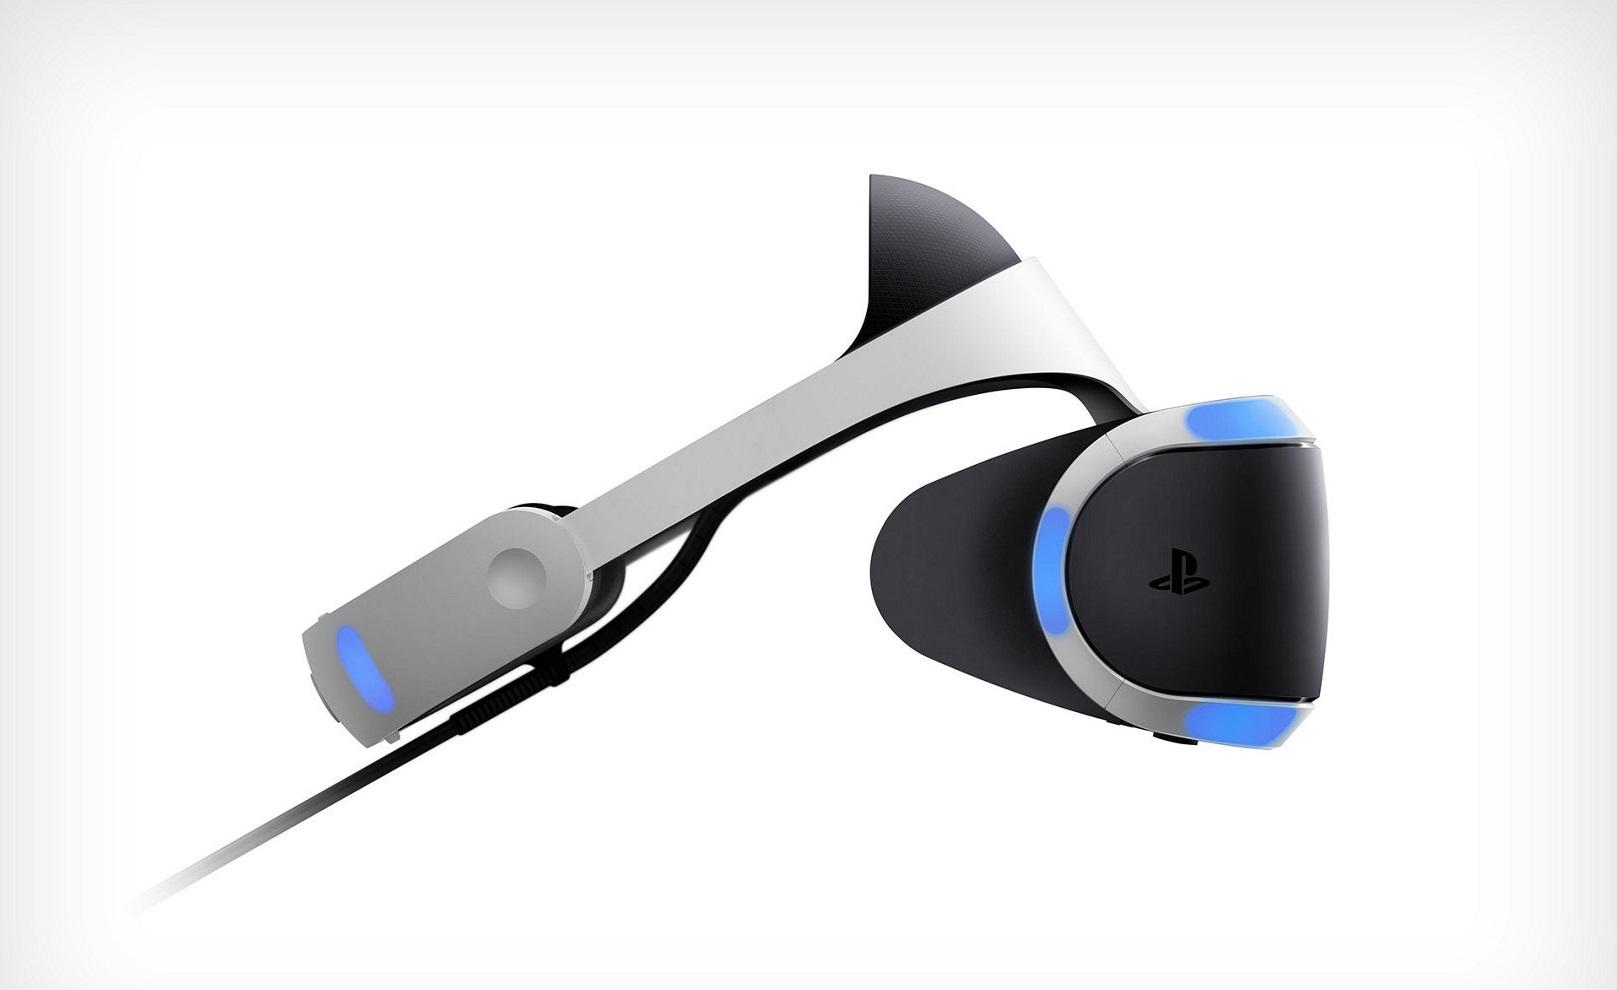 Лучшие шлемы виртуальной реальности для геймеров - Sony Playstation VR (2)